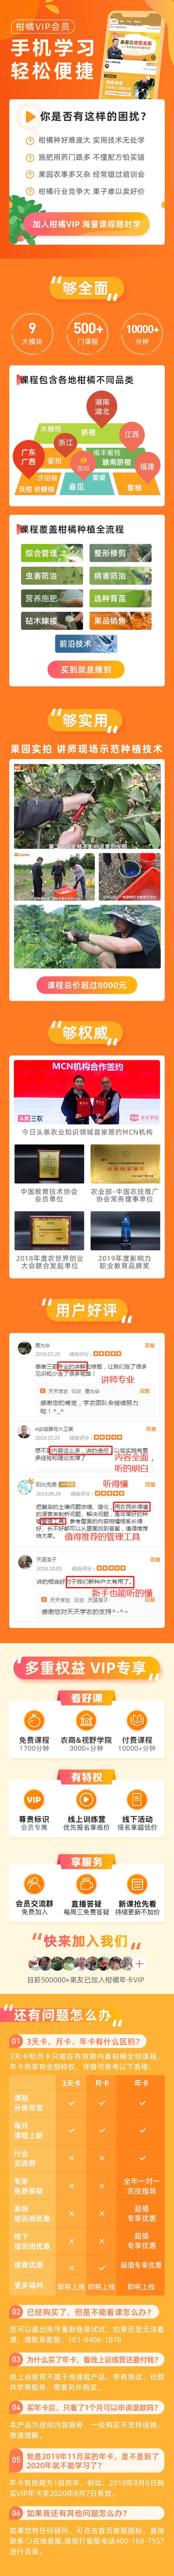 柑橘年VIP卡商详.jpg